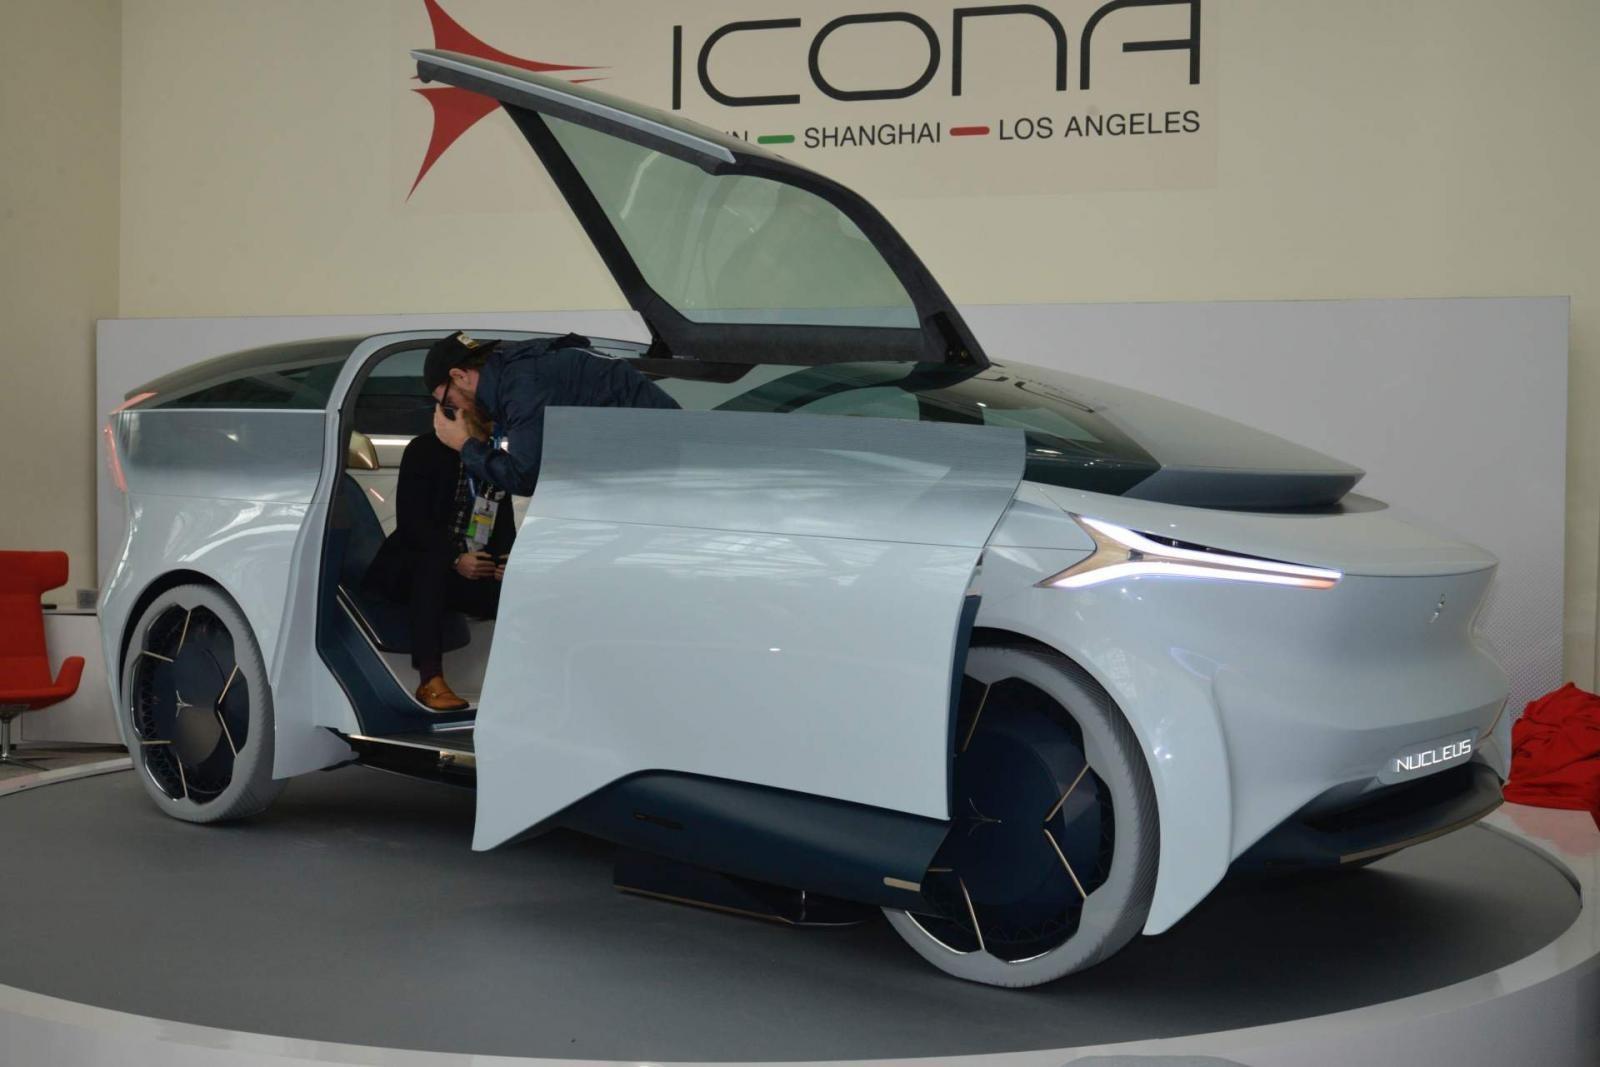 Xe concept Icona Nucleus được trưng bày ở Triển lãm Ô tô Los Angeles 2018